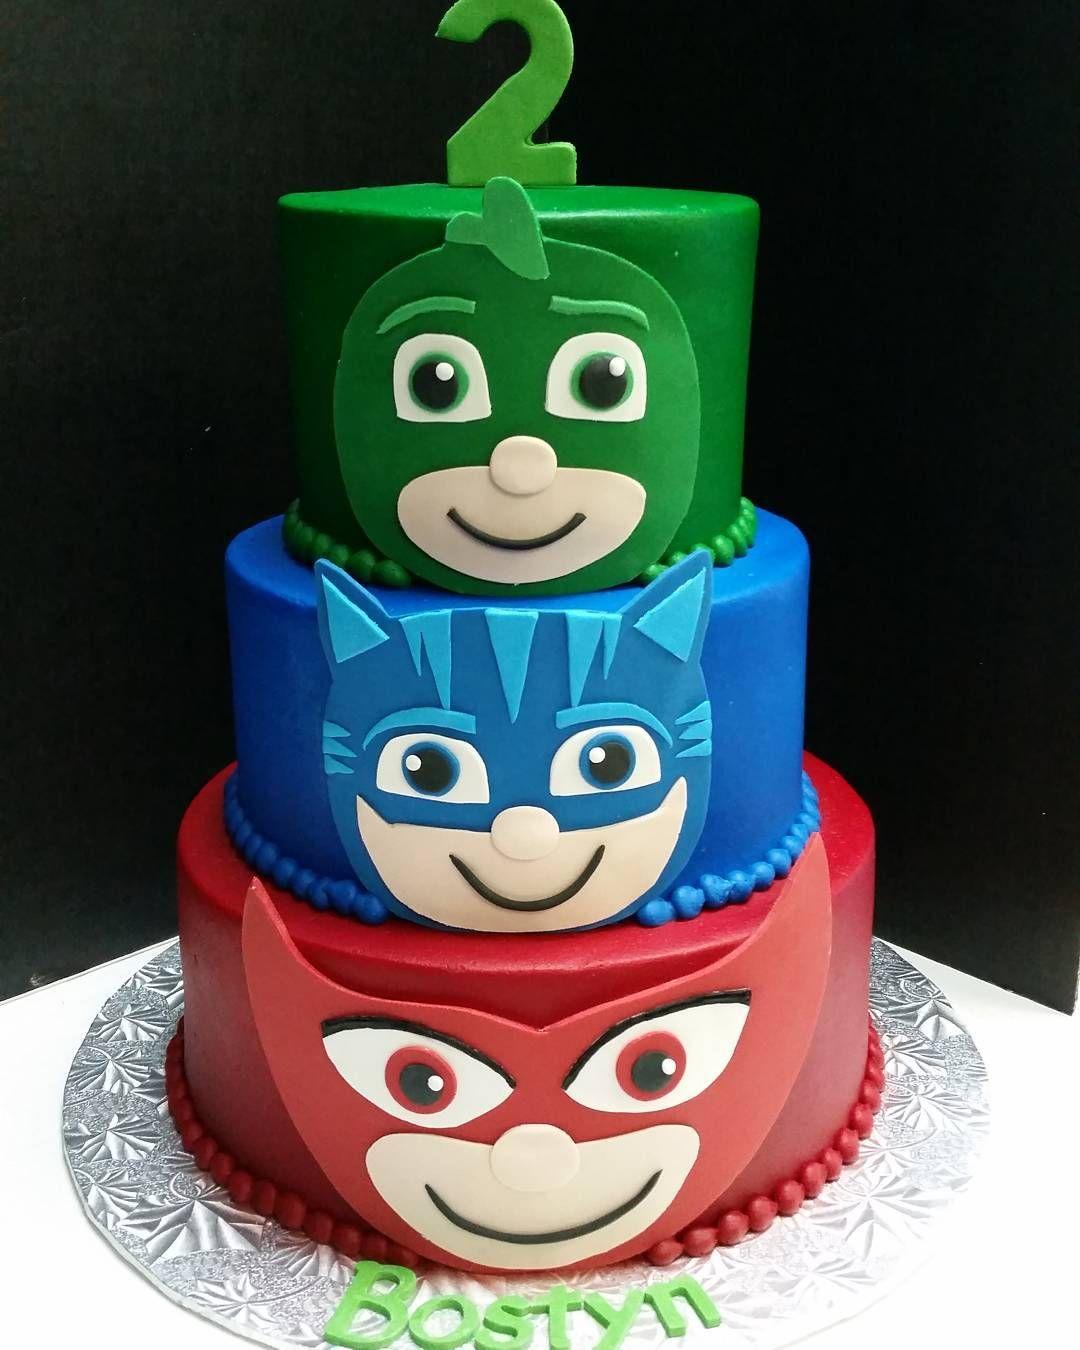 Pj Masks Inspired Birthday Cake Customcake Buttercreamcake